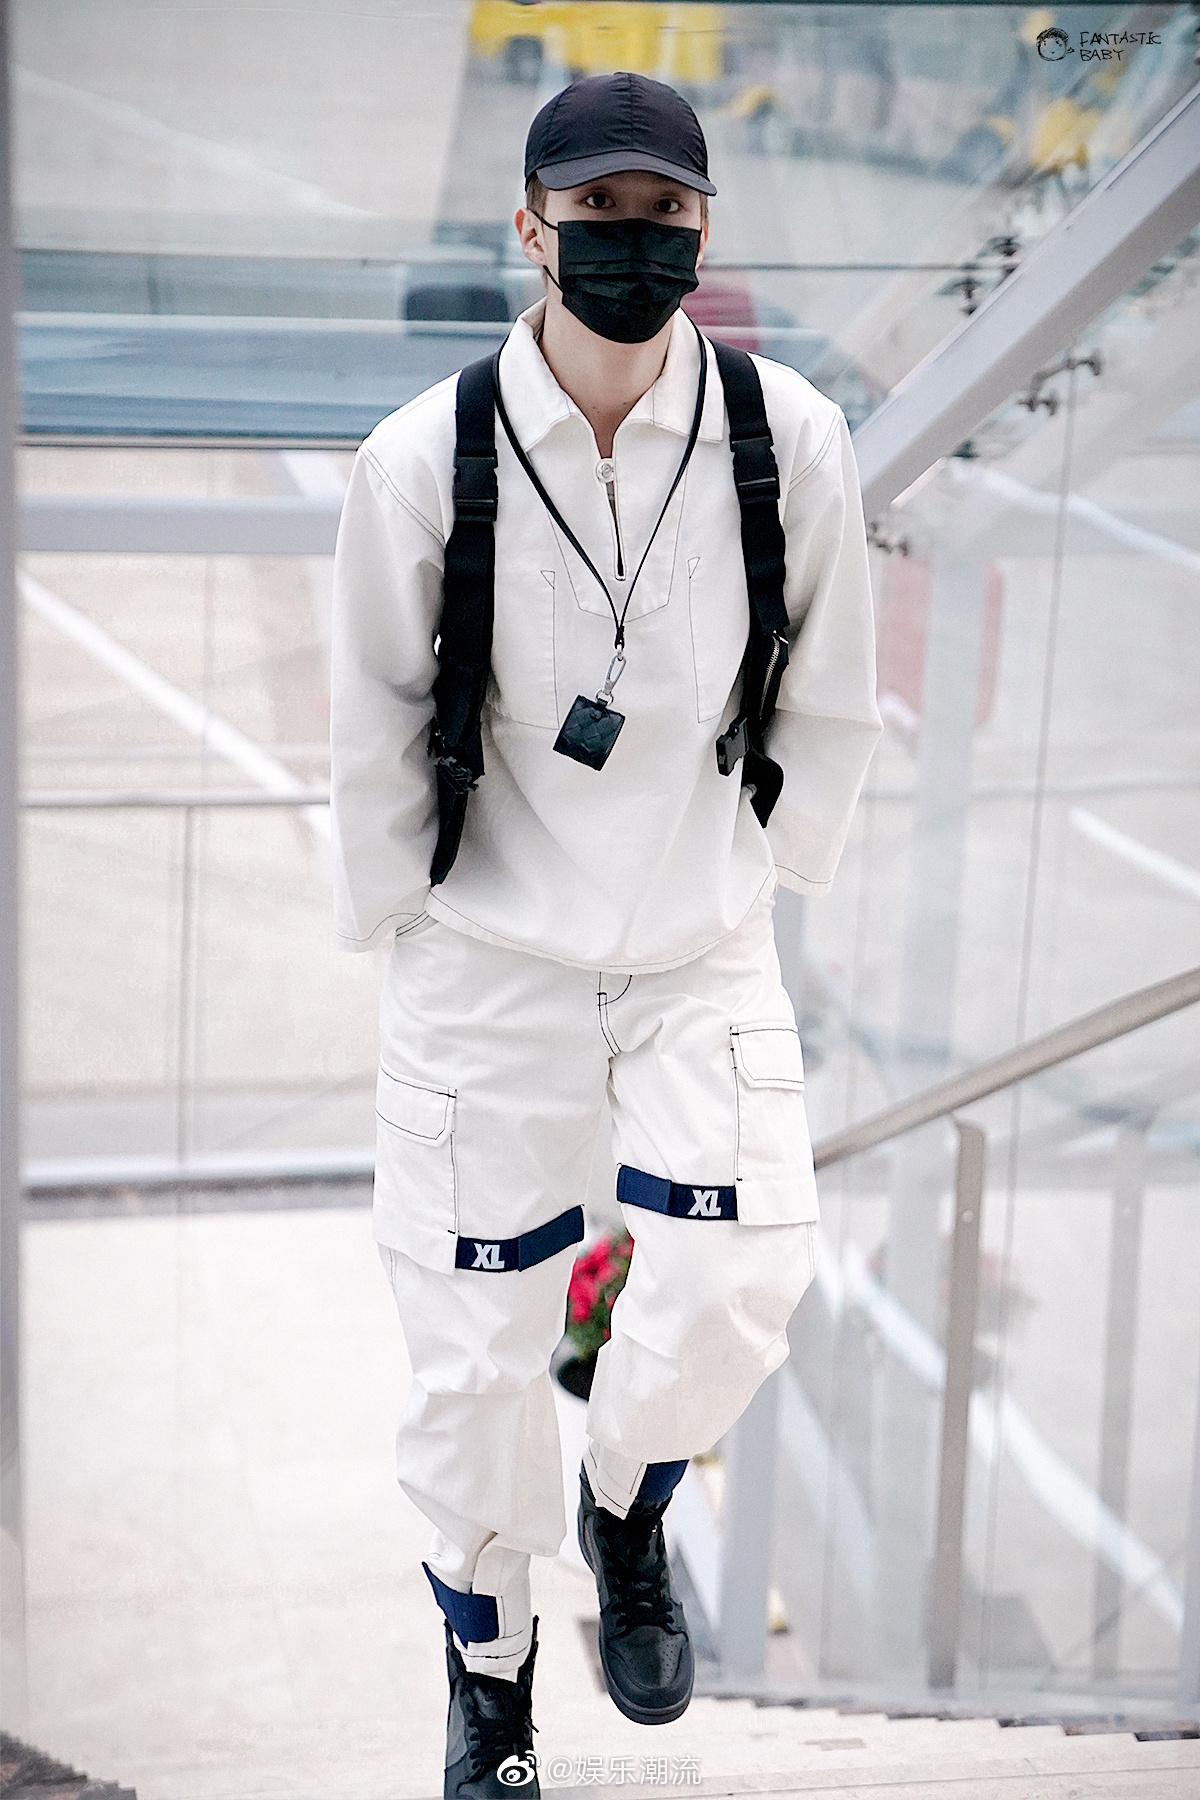 黑白工装风搭配棒球帽马丁靴,酷帅不羁的 太会穿了